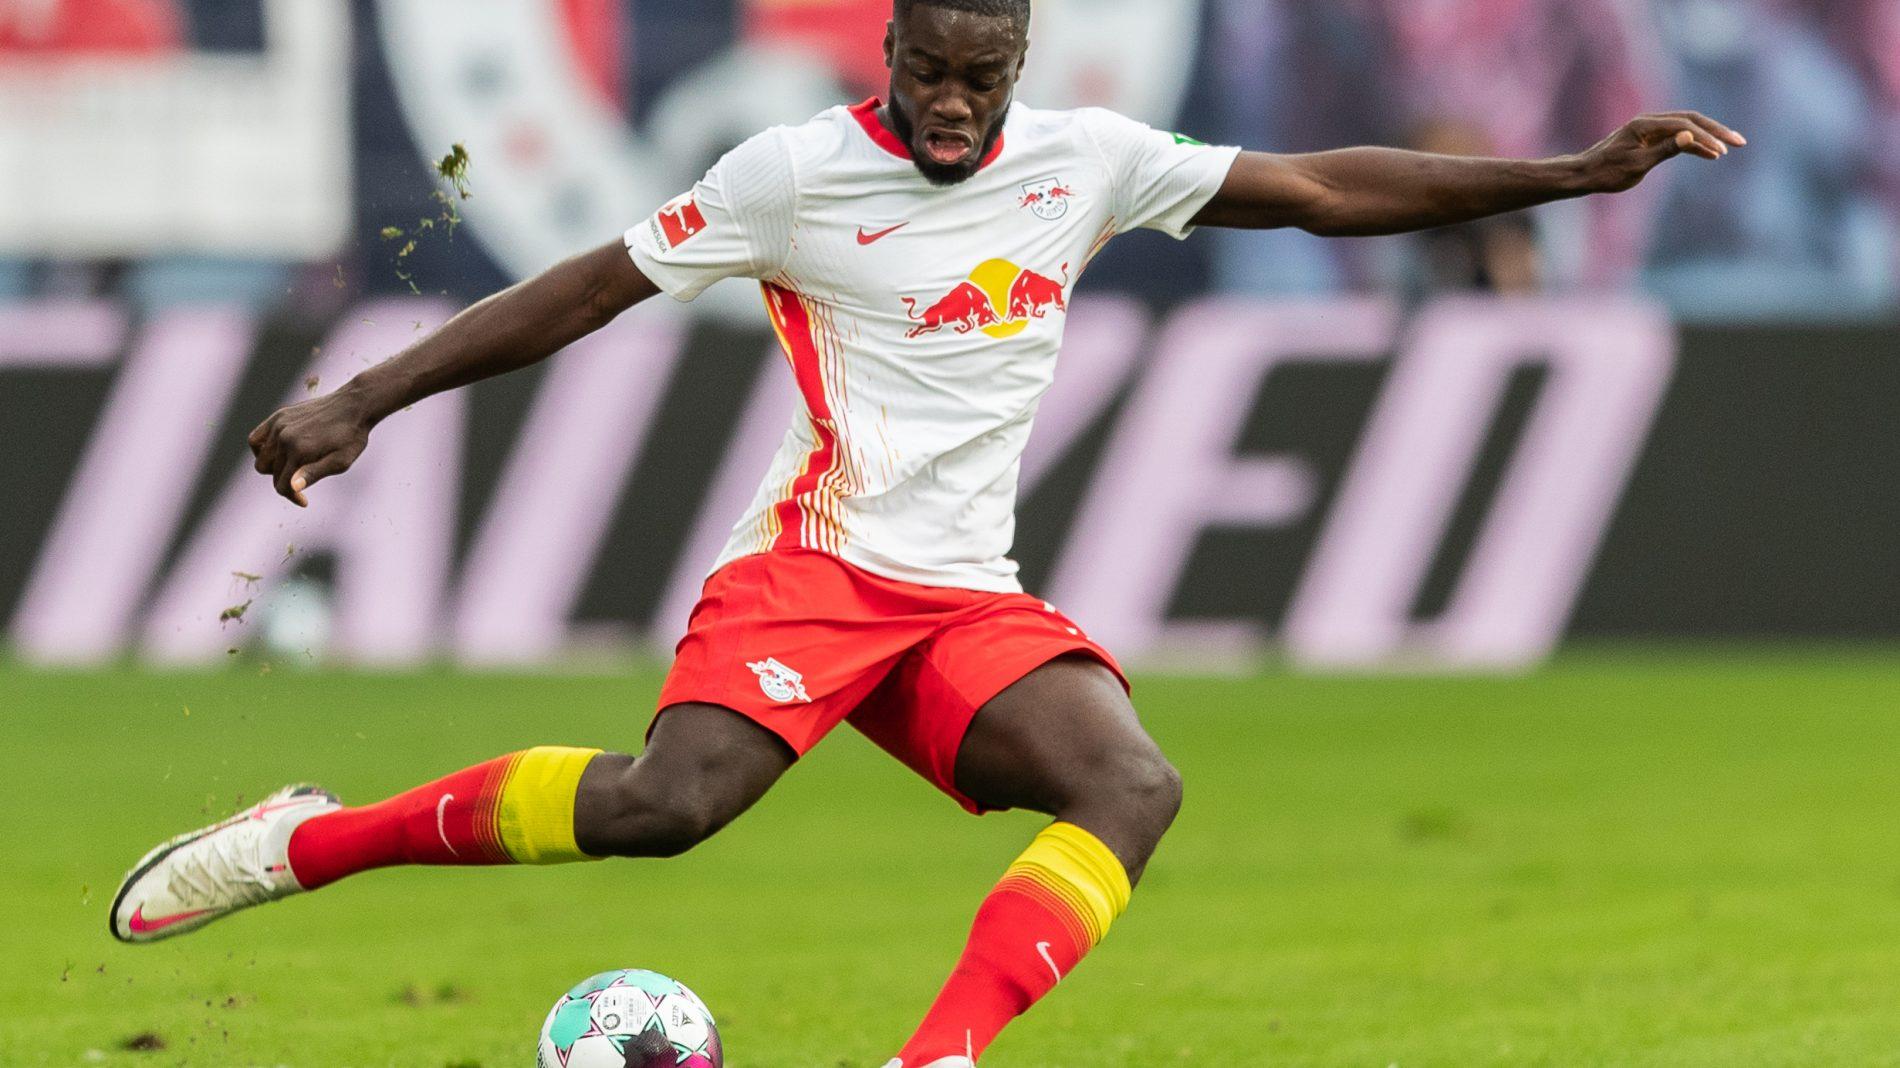 拜仁慕尼黑本赛季后防线出现问题